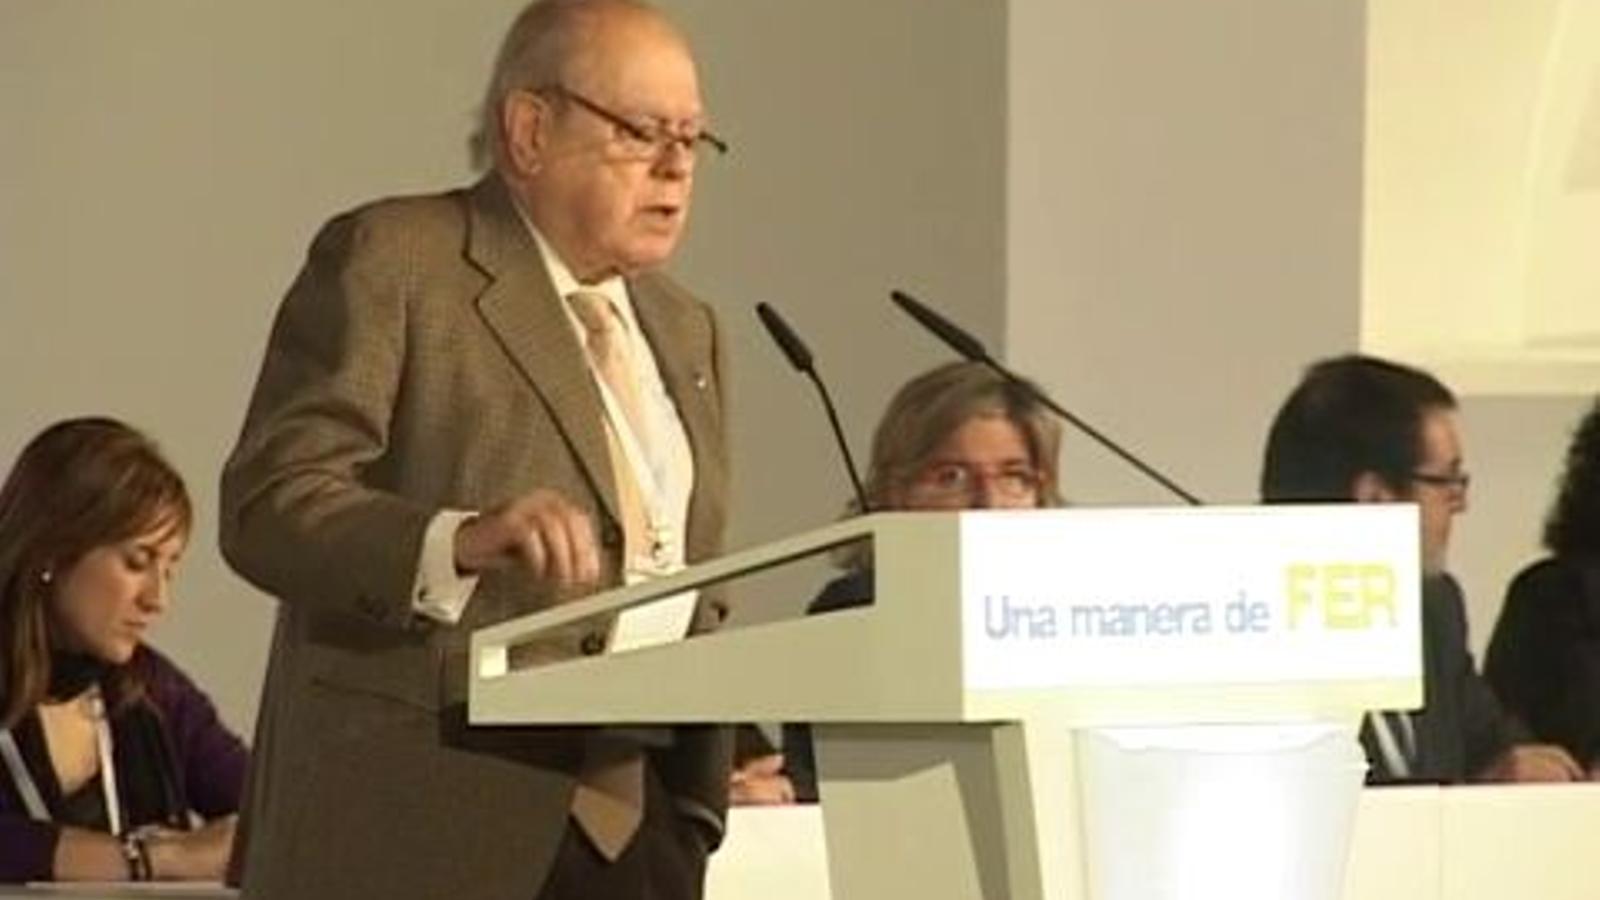 Pujol erigeix CiU en l'única força preparada per ser la tropa de xoc davant d'una confrontació amb Espanya